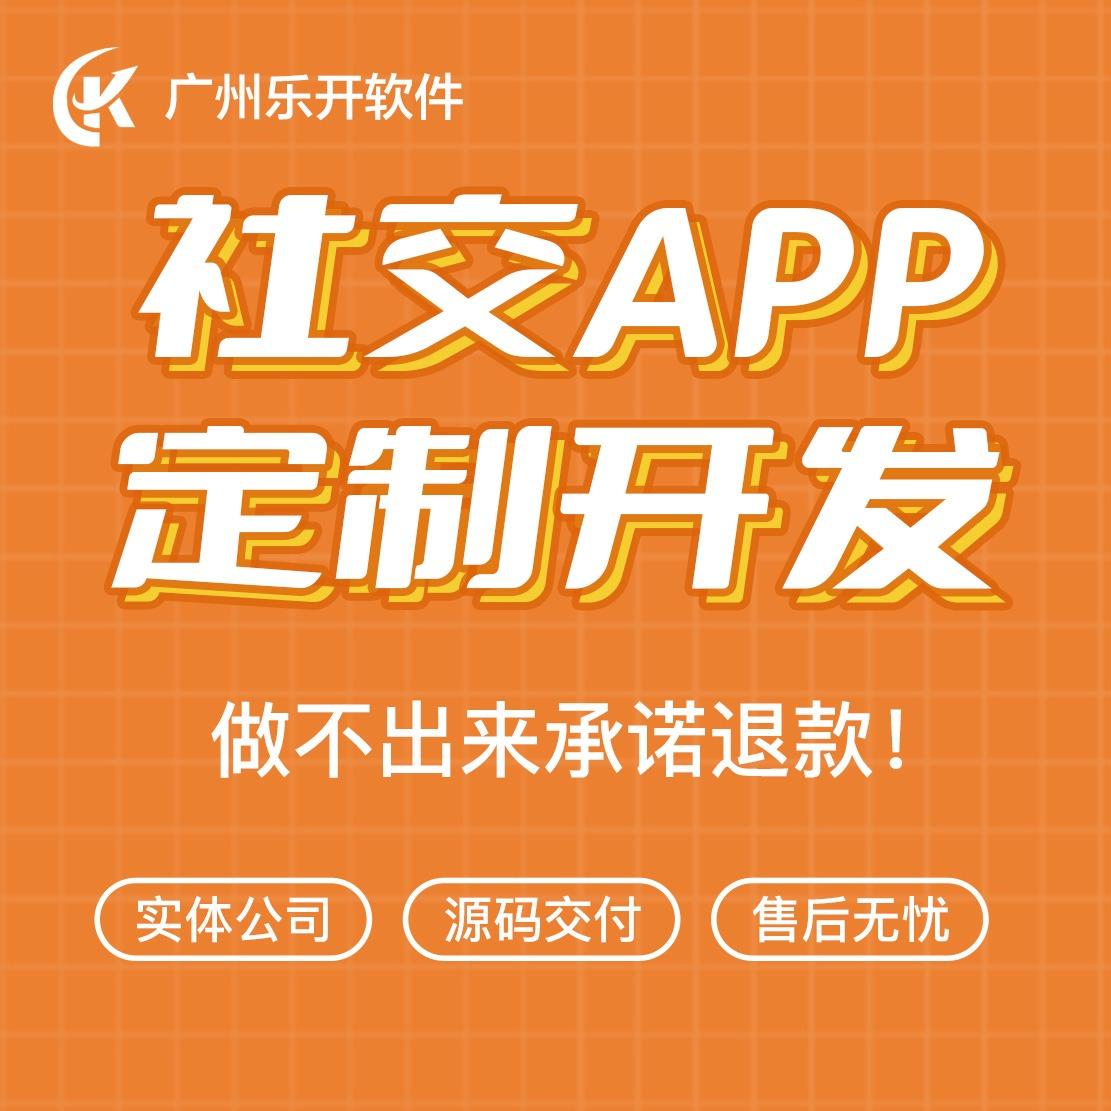 社交app定制开发在线语音聊天多人群聊软件直播交友成品定制